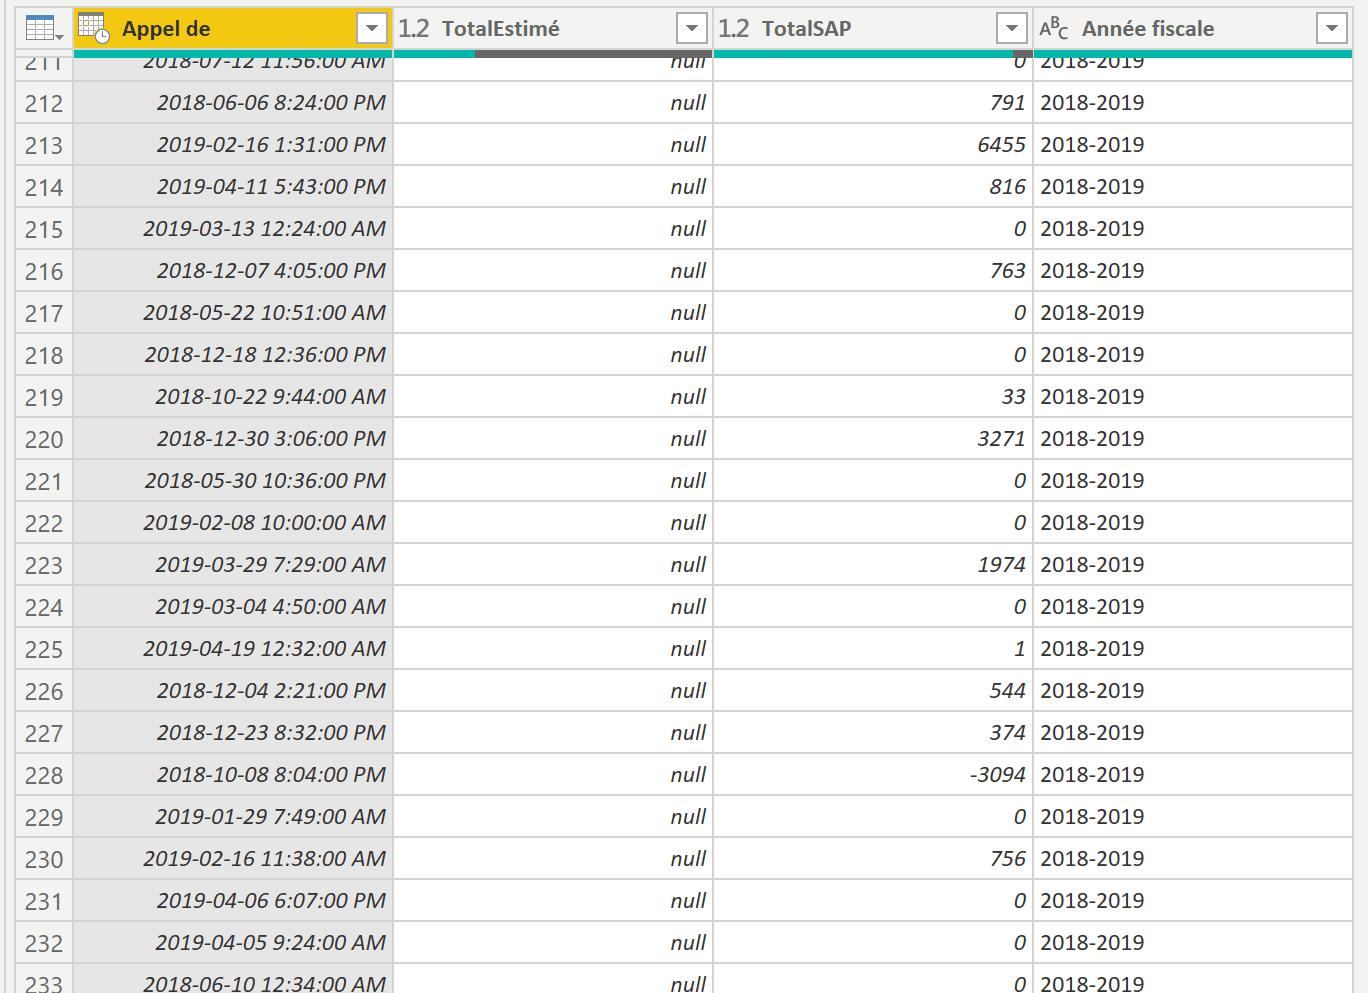 Données 2018-2019